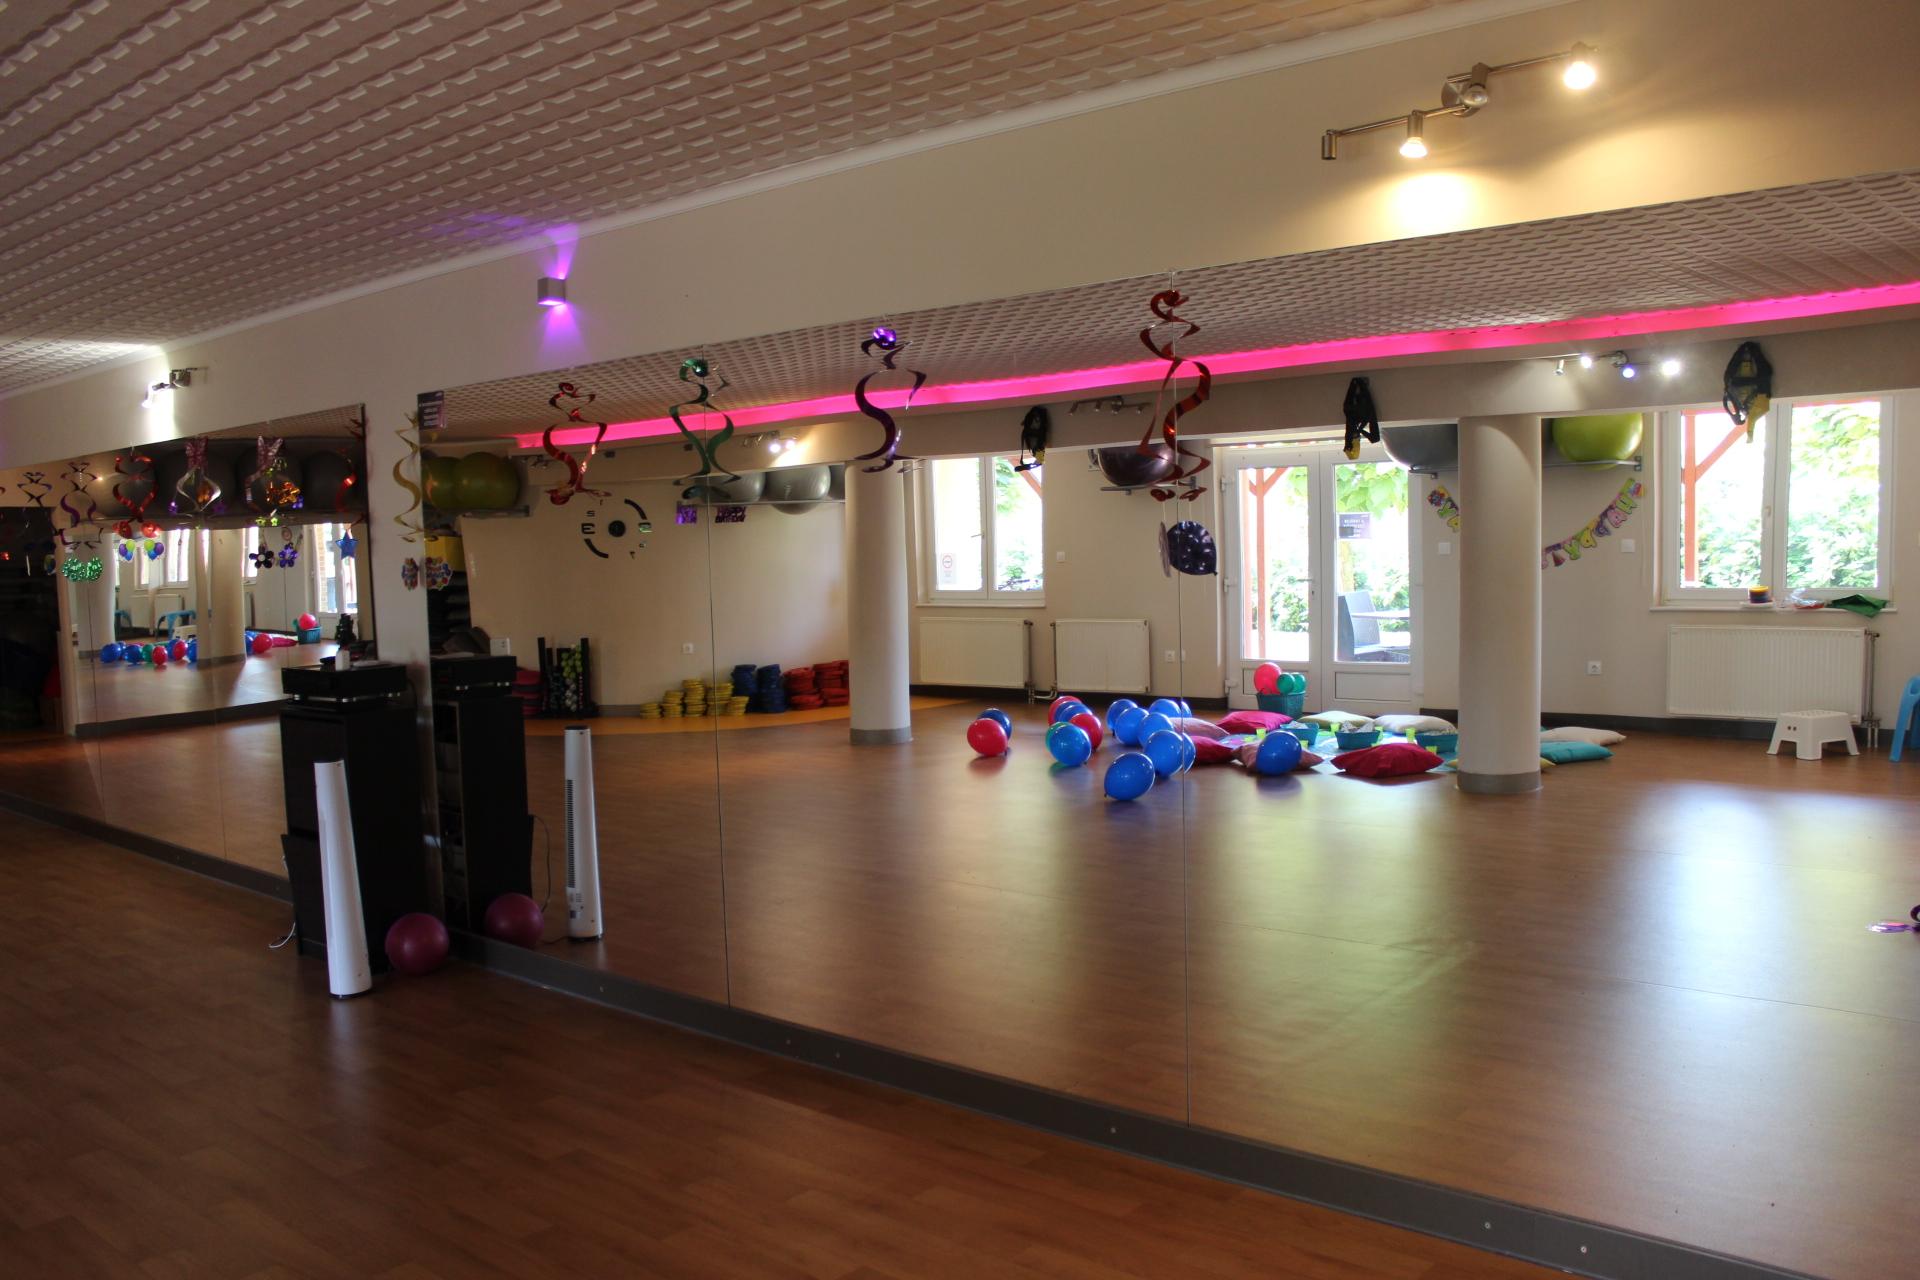 szülinapi buli helyszínek tiniknek Kölyökcentrum   Gyermek Foglalkoztató Központ   Szülinap szülinapi buli helyszínek tiniknek